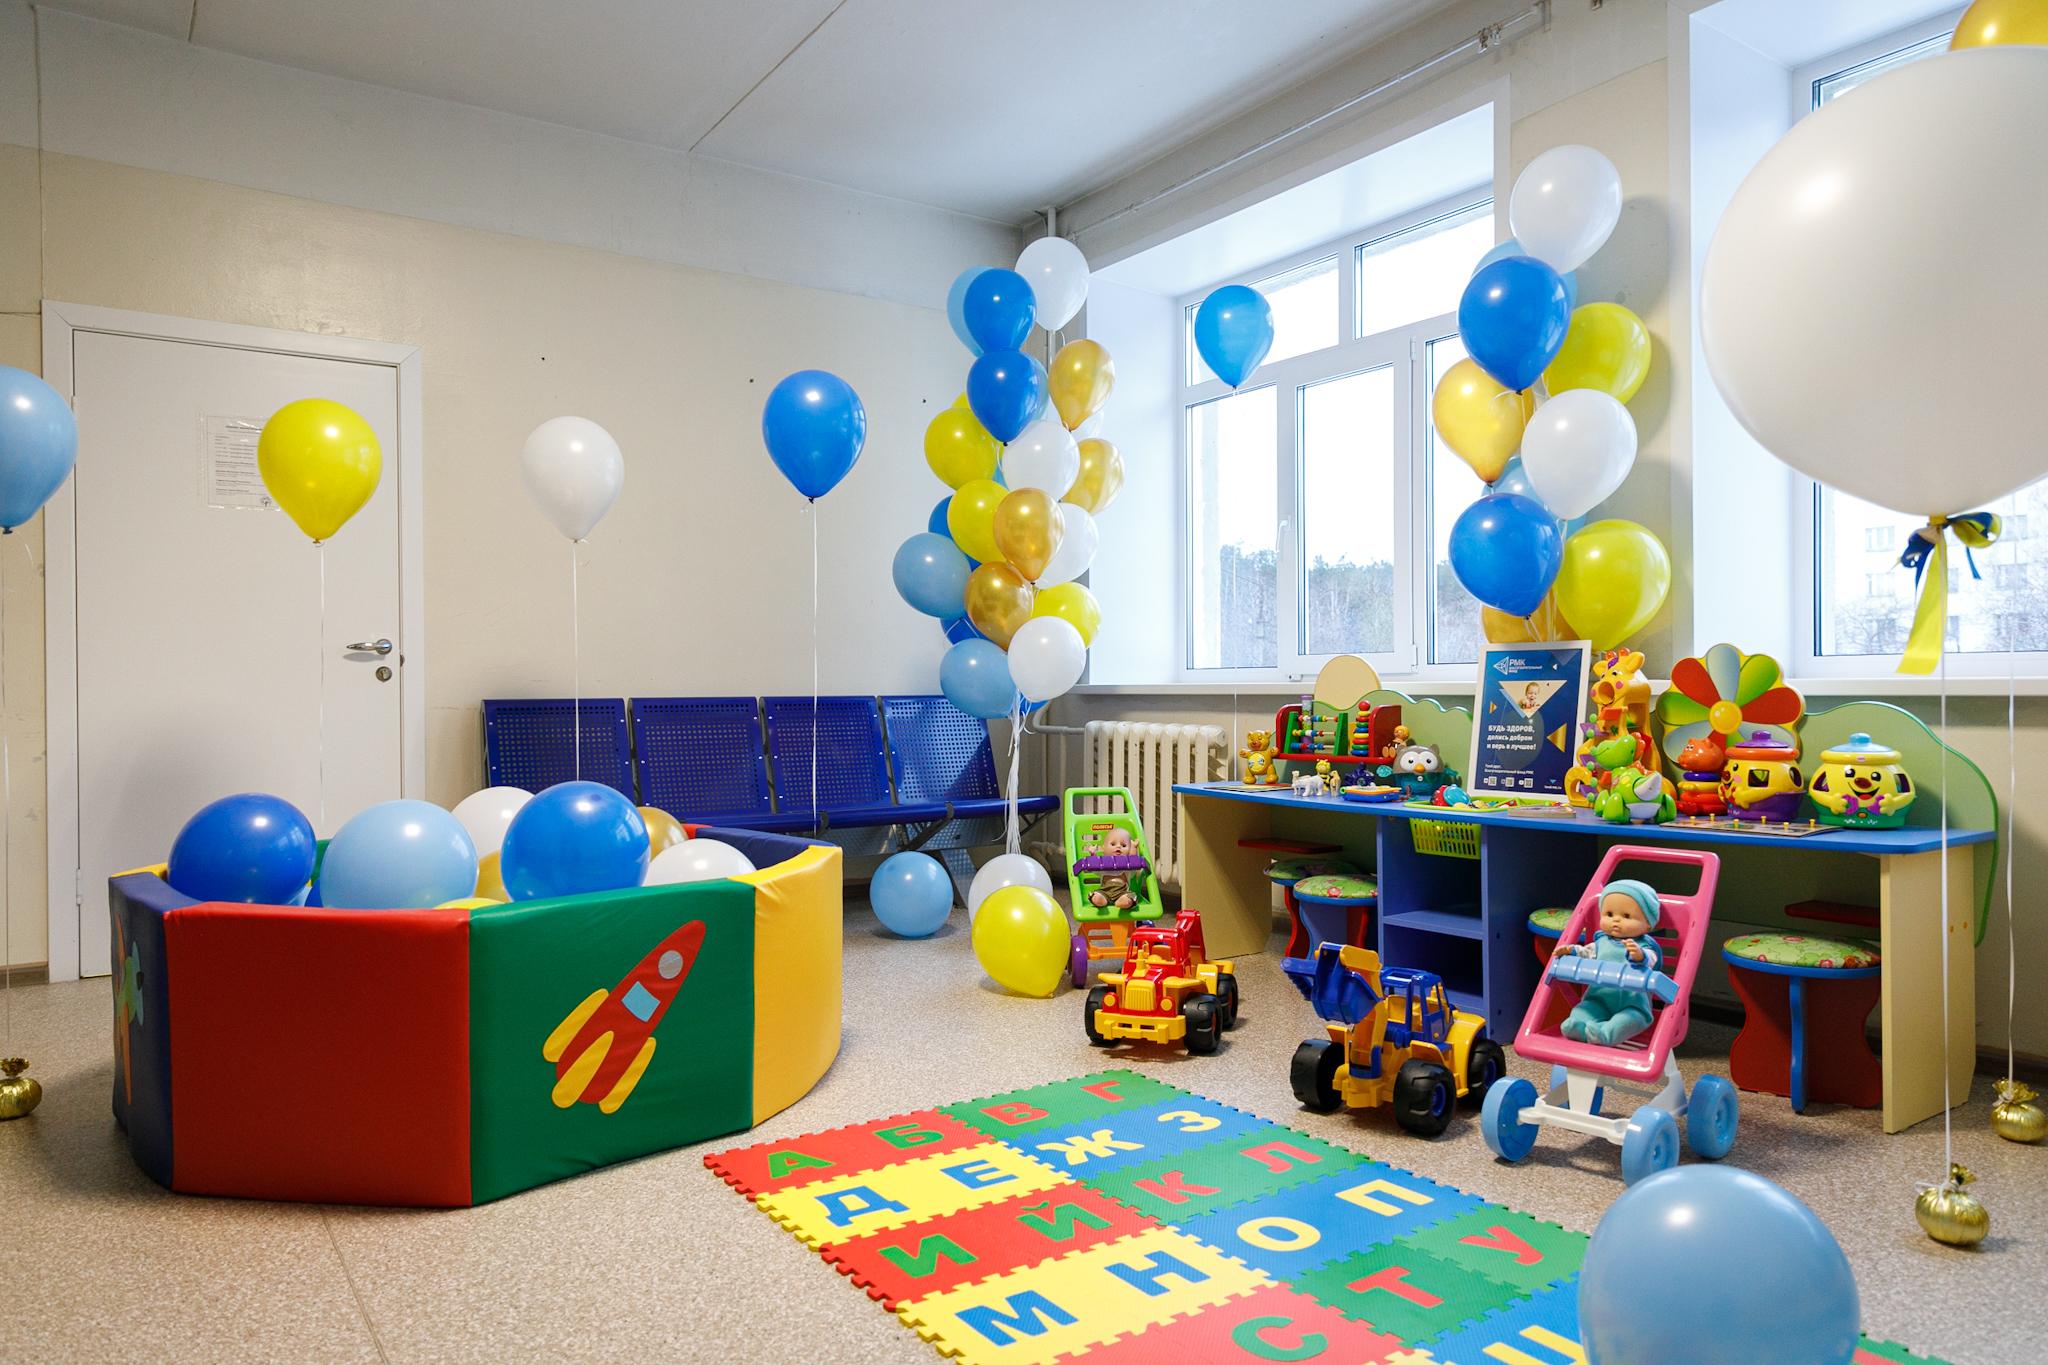 Детский уголок включает и мебель, и игрушки